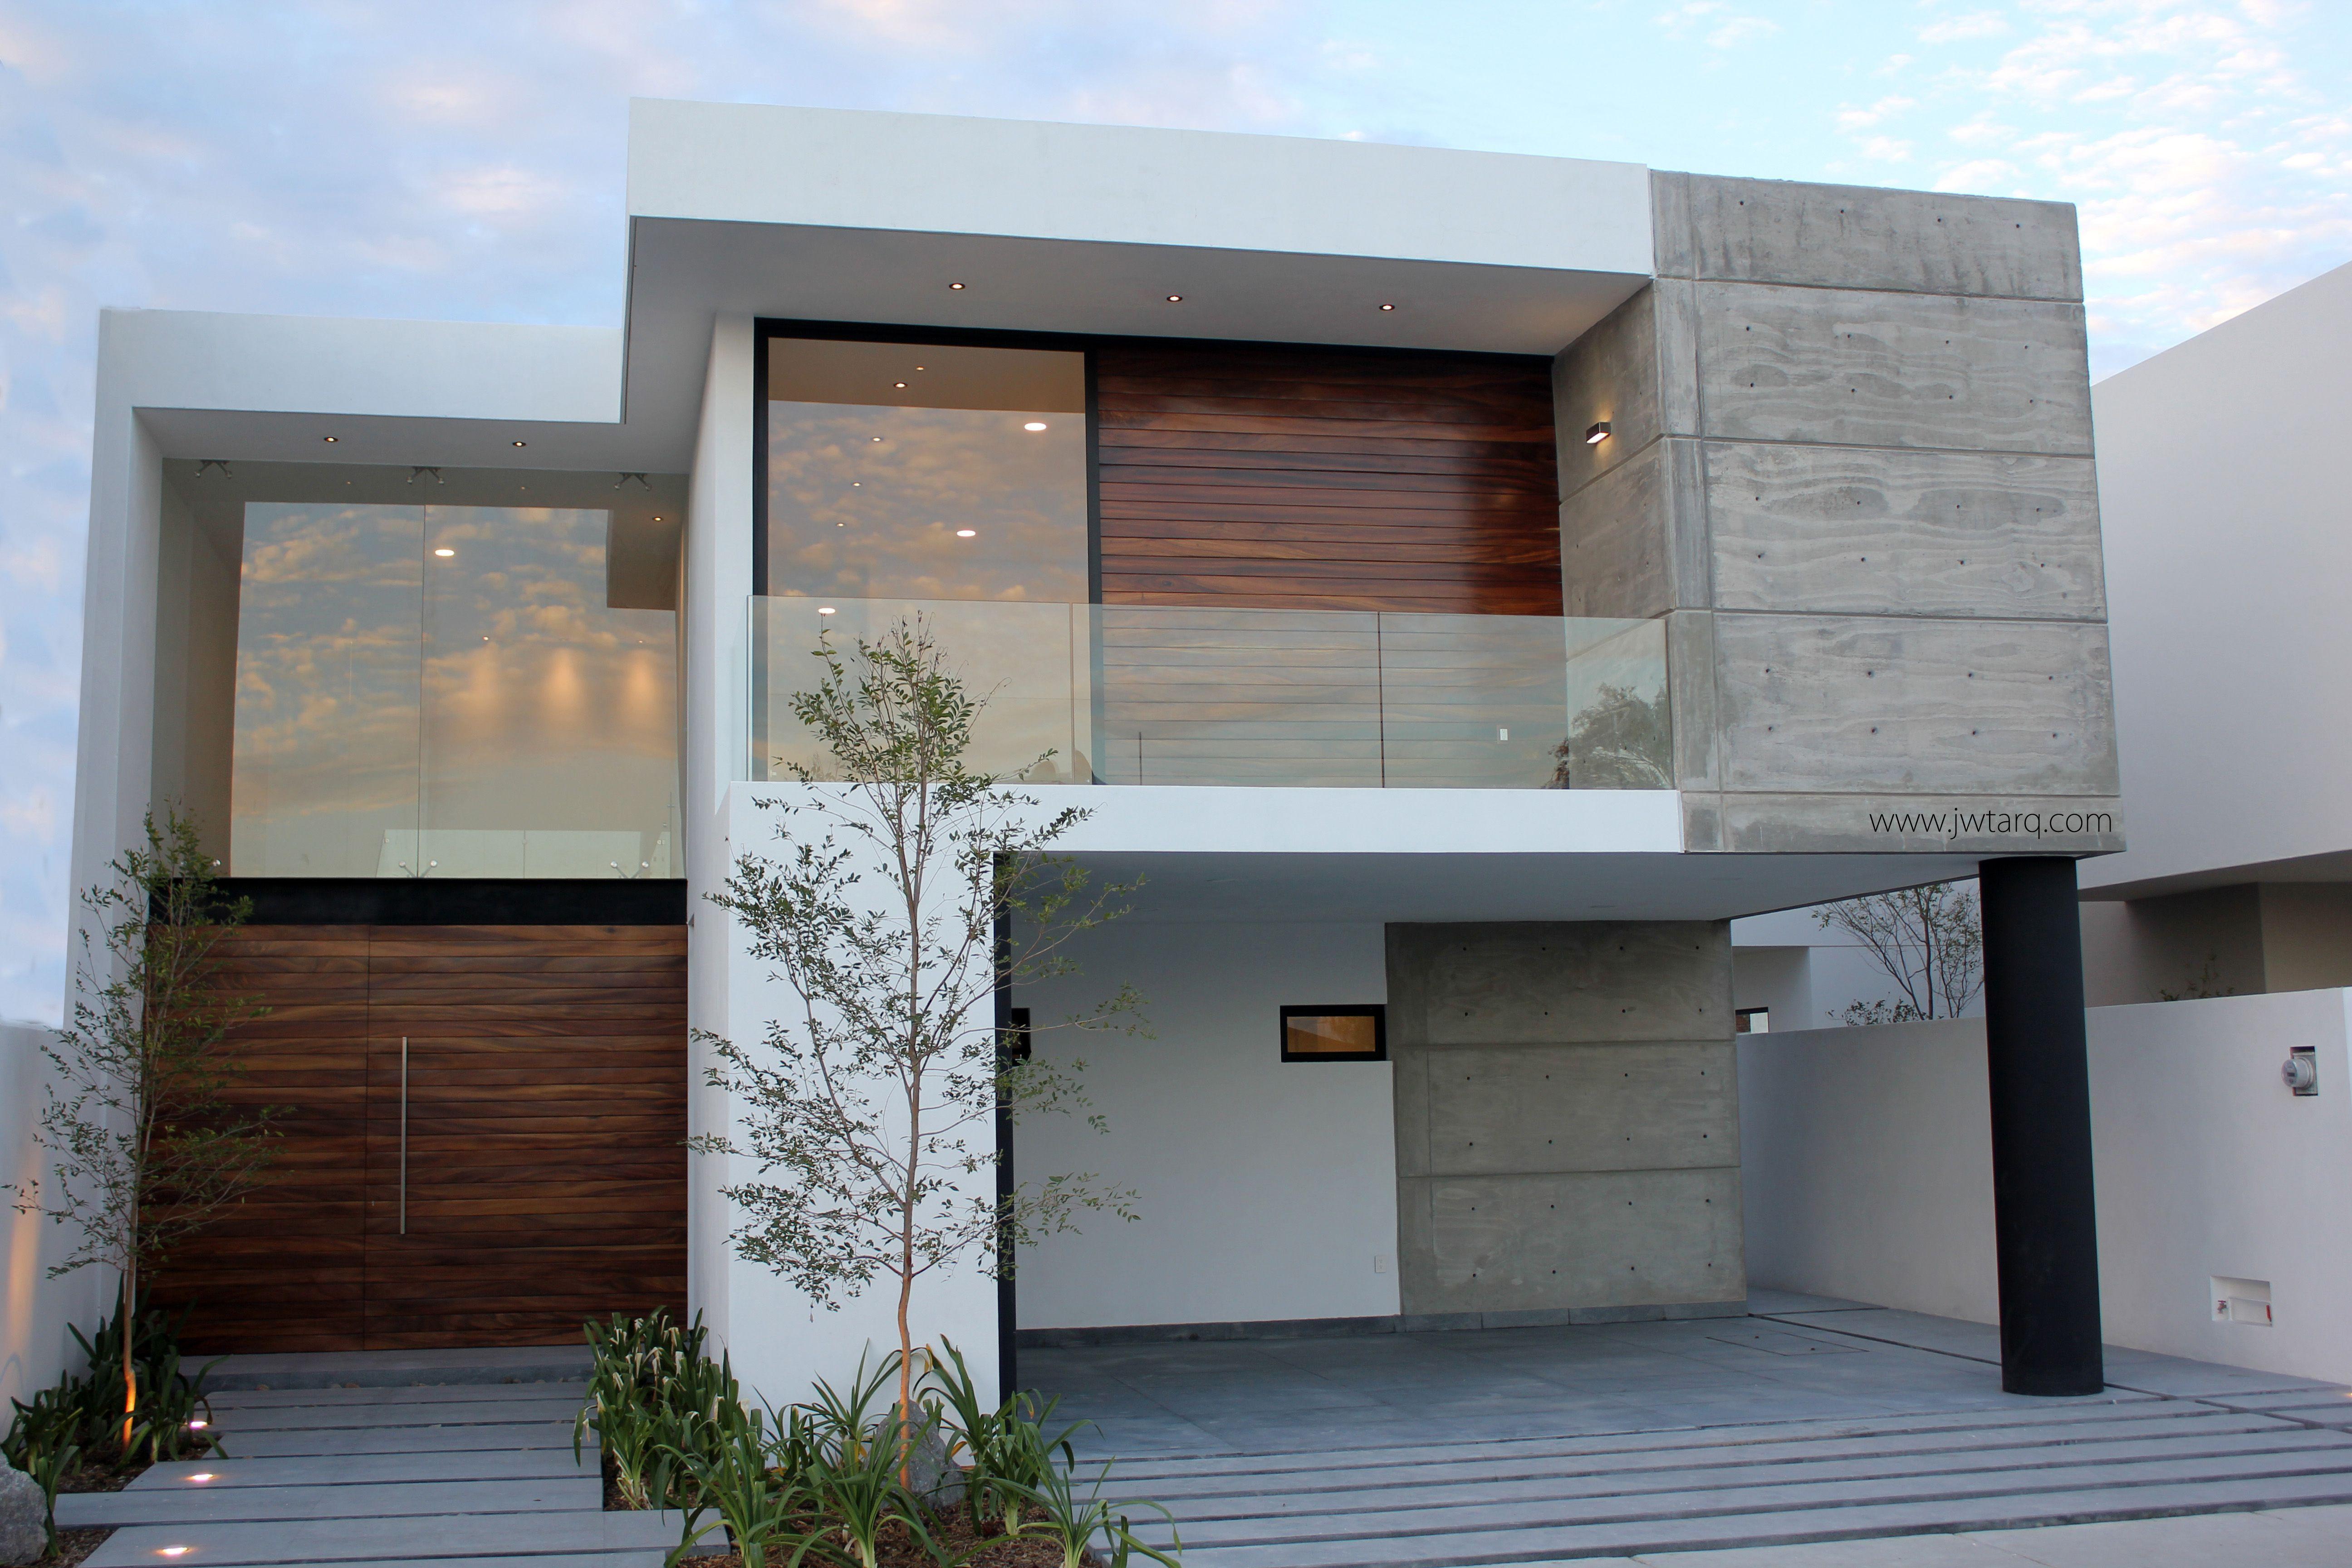 Jwtarq arquitectura proyectos casa 80 esp for Proyecto casa habitacion minimalista